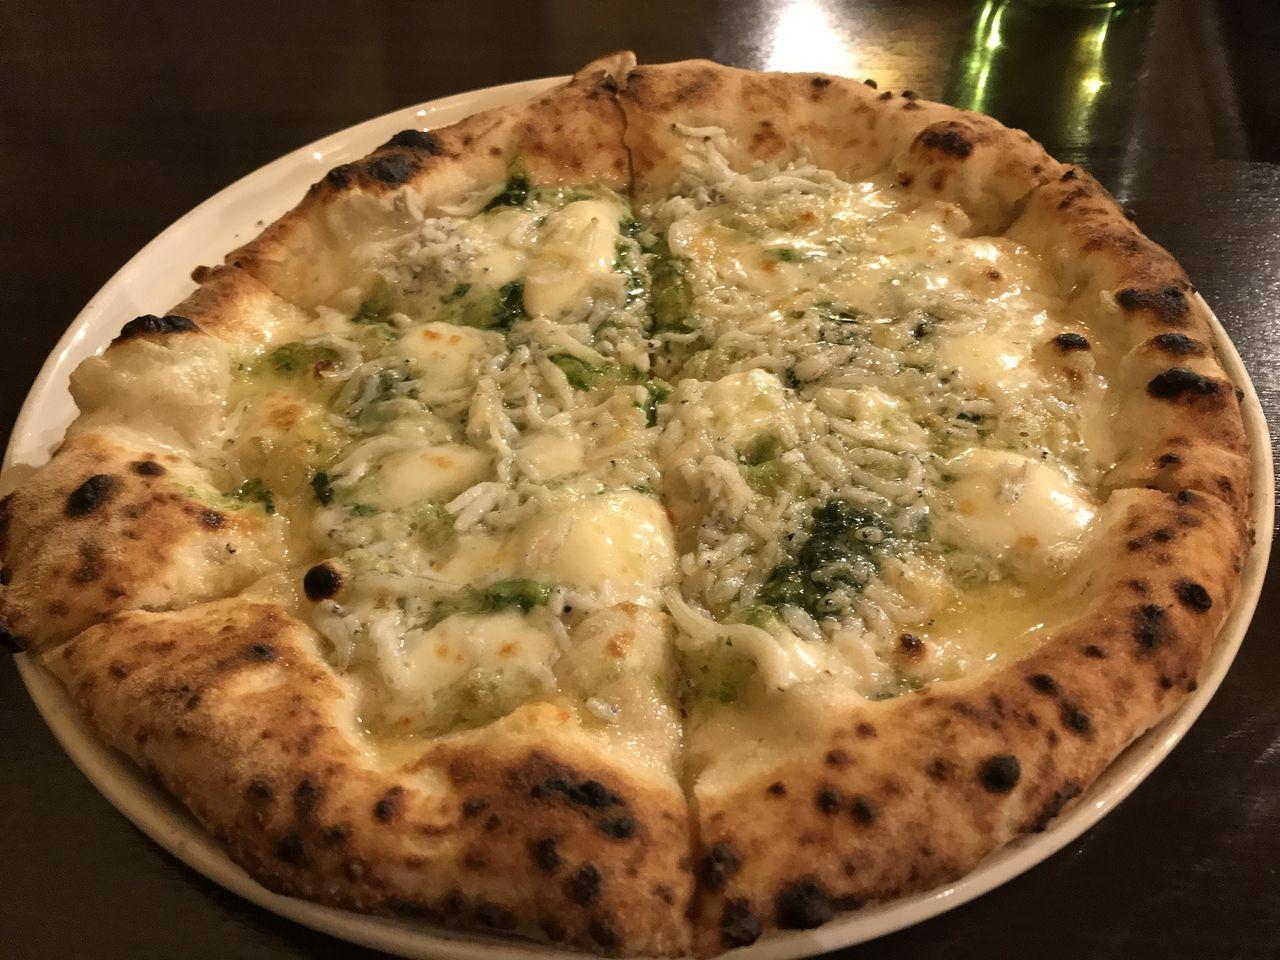 イチロウティカベルナのしらすと青のりのピザ